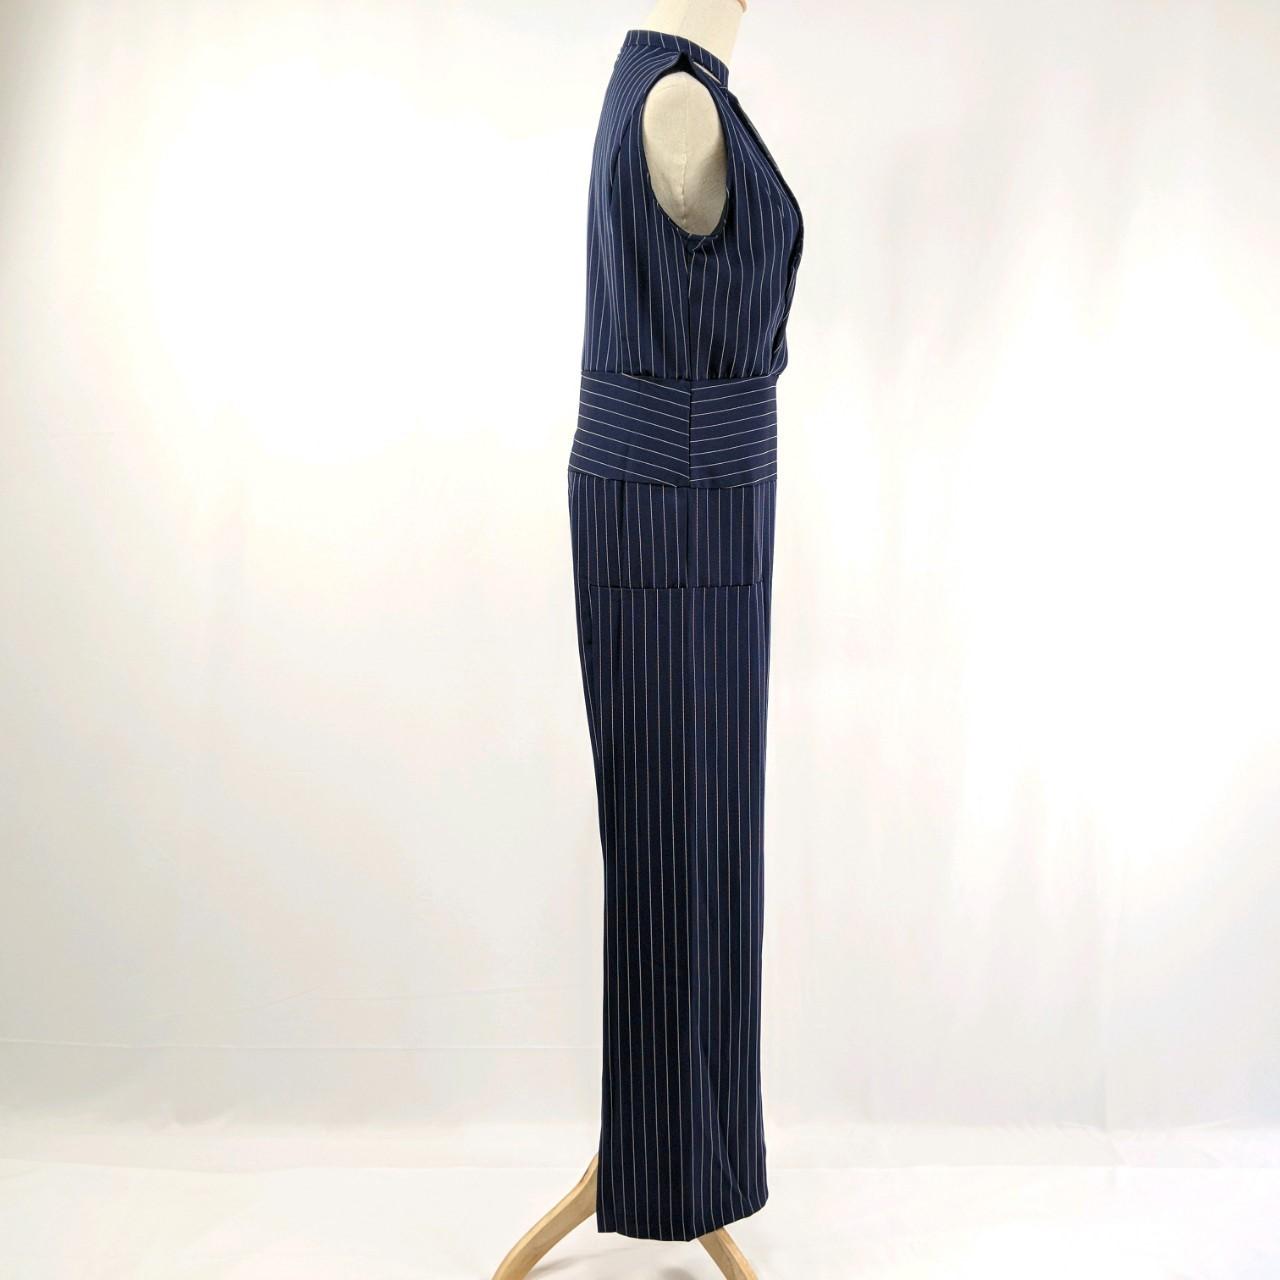 韓国 ファッション オールインワン サロペット 春 夏 パーティー ブライダル PTXE912  チョーカー風 Vネック ウエストマーク ワイドパンツ ドレス 二次会 セレブ きれいめの写真18枚目